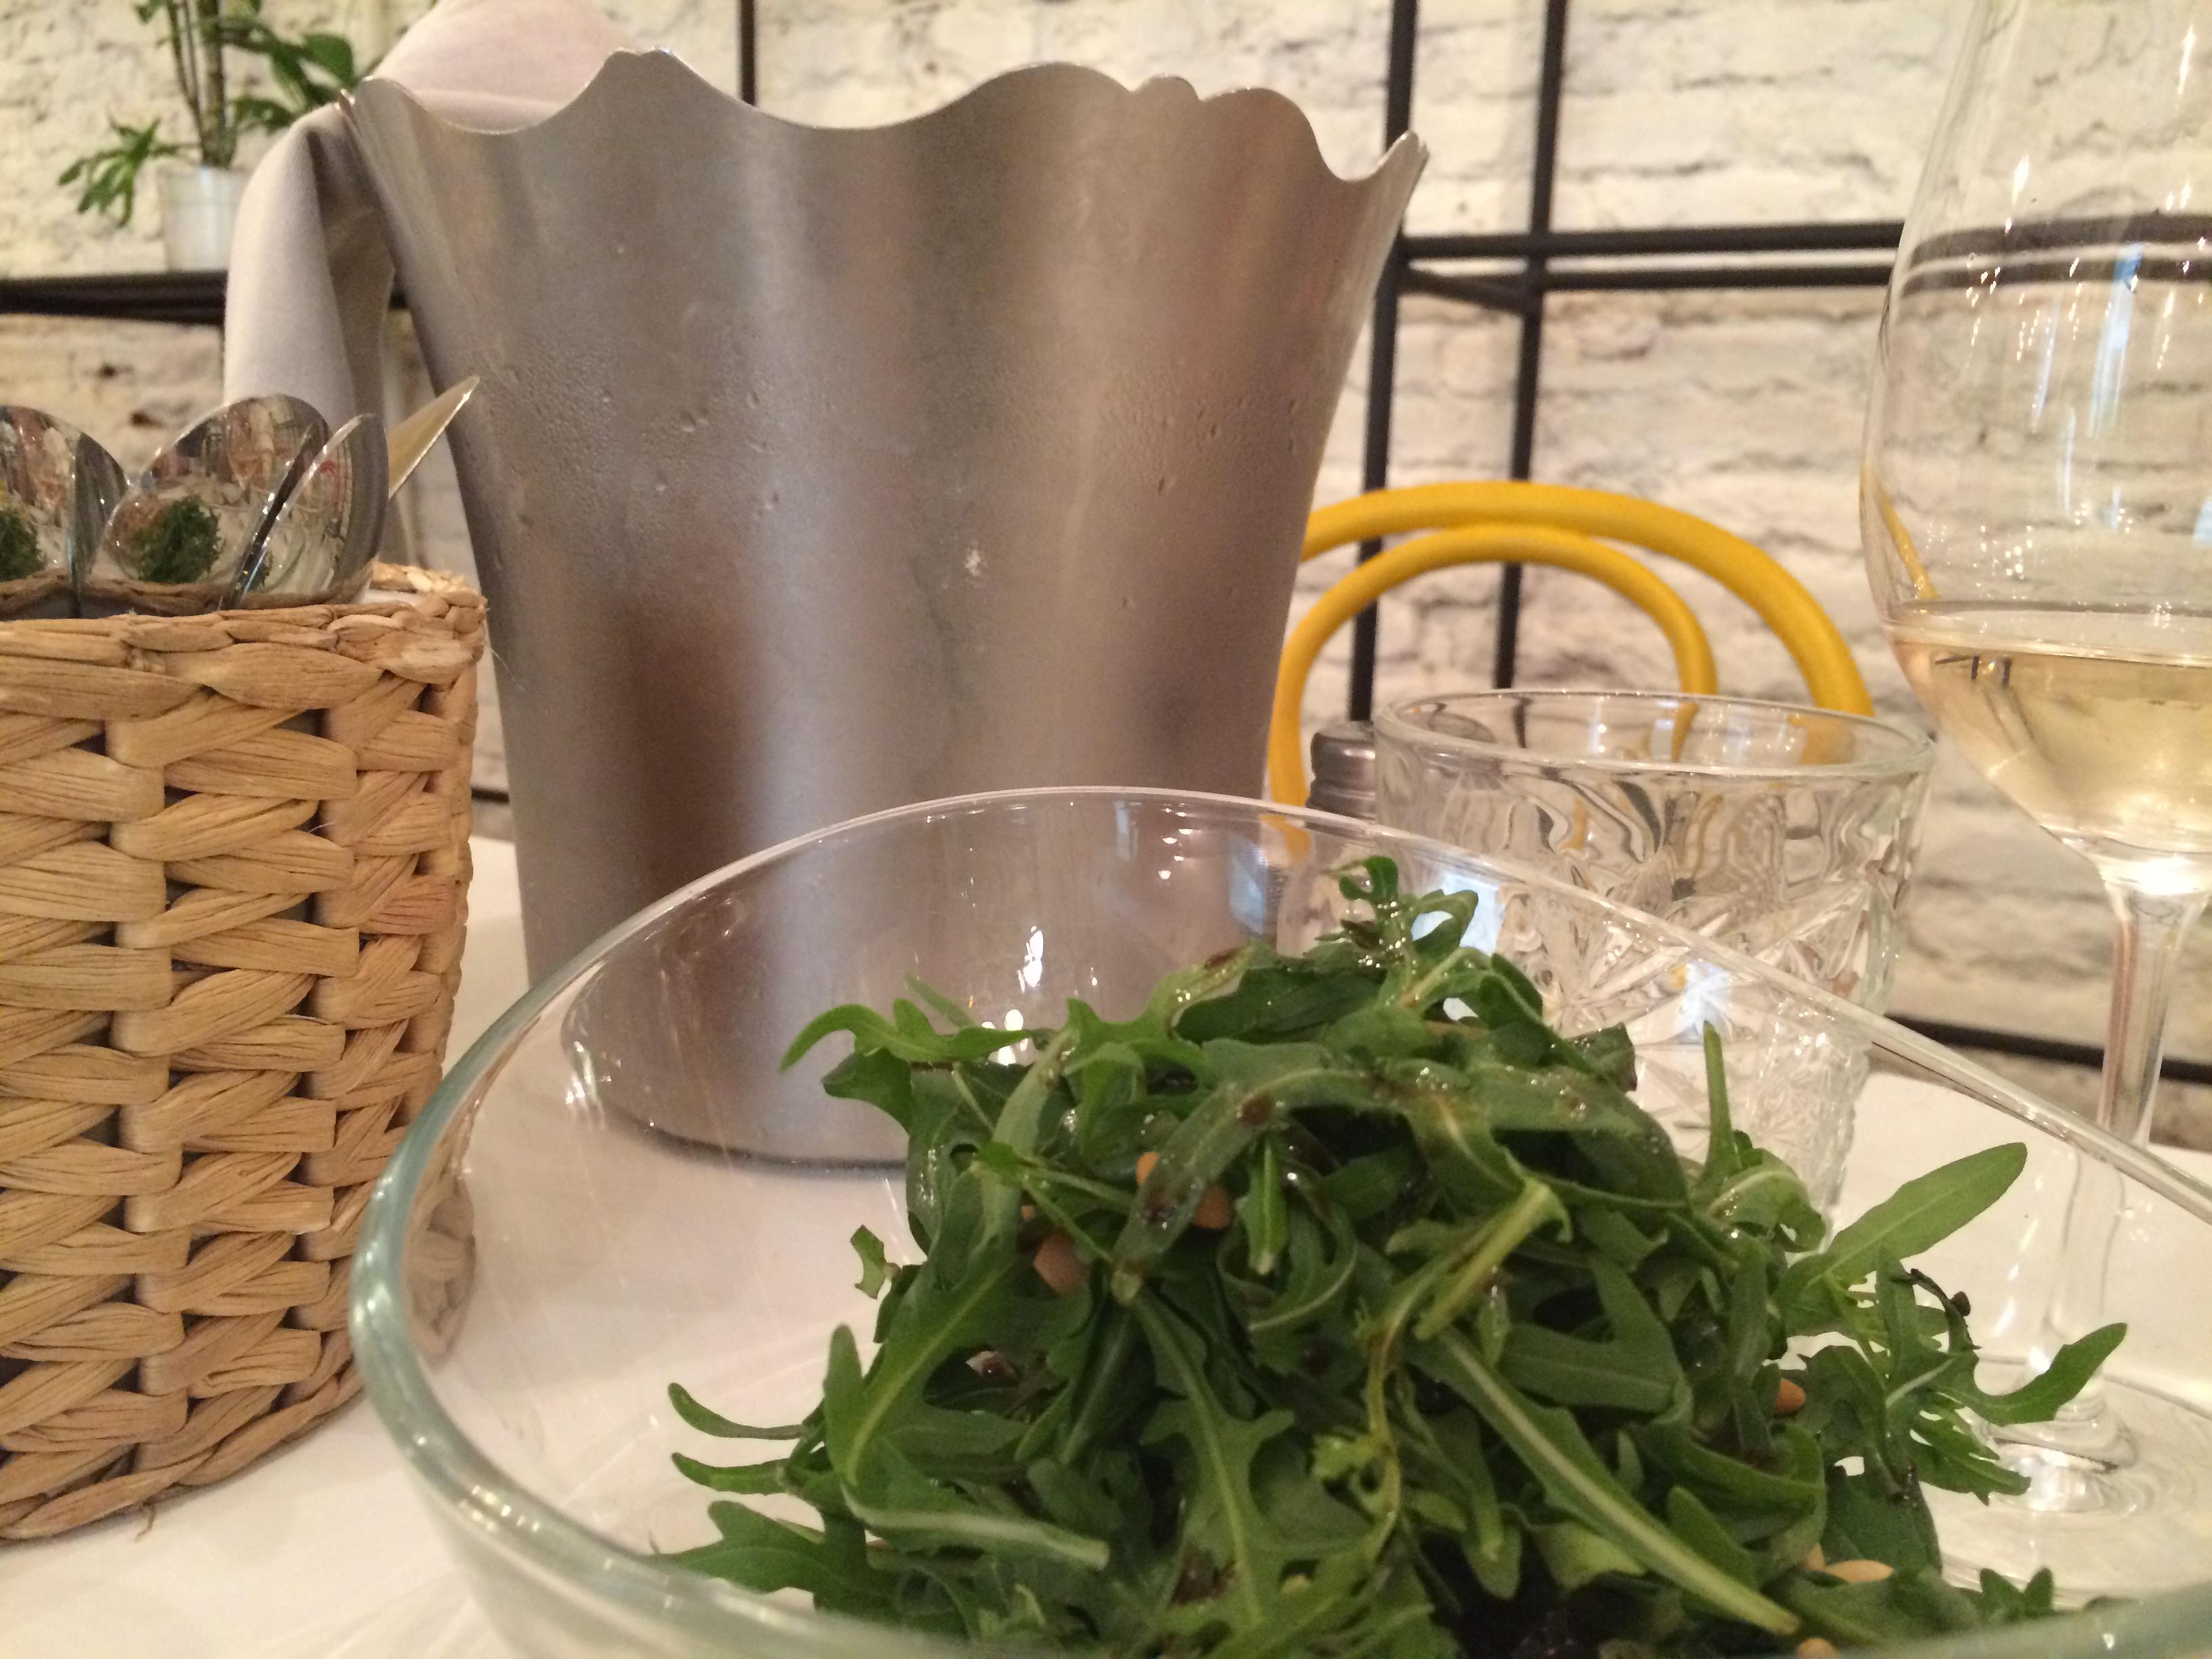 Burrata fresca con ensalada de rúcula:  un plato muy fresco e ideal para compartir